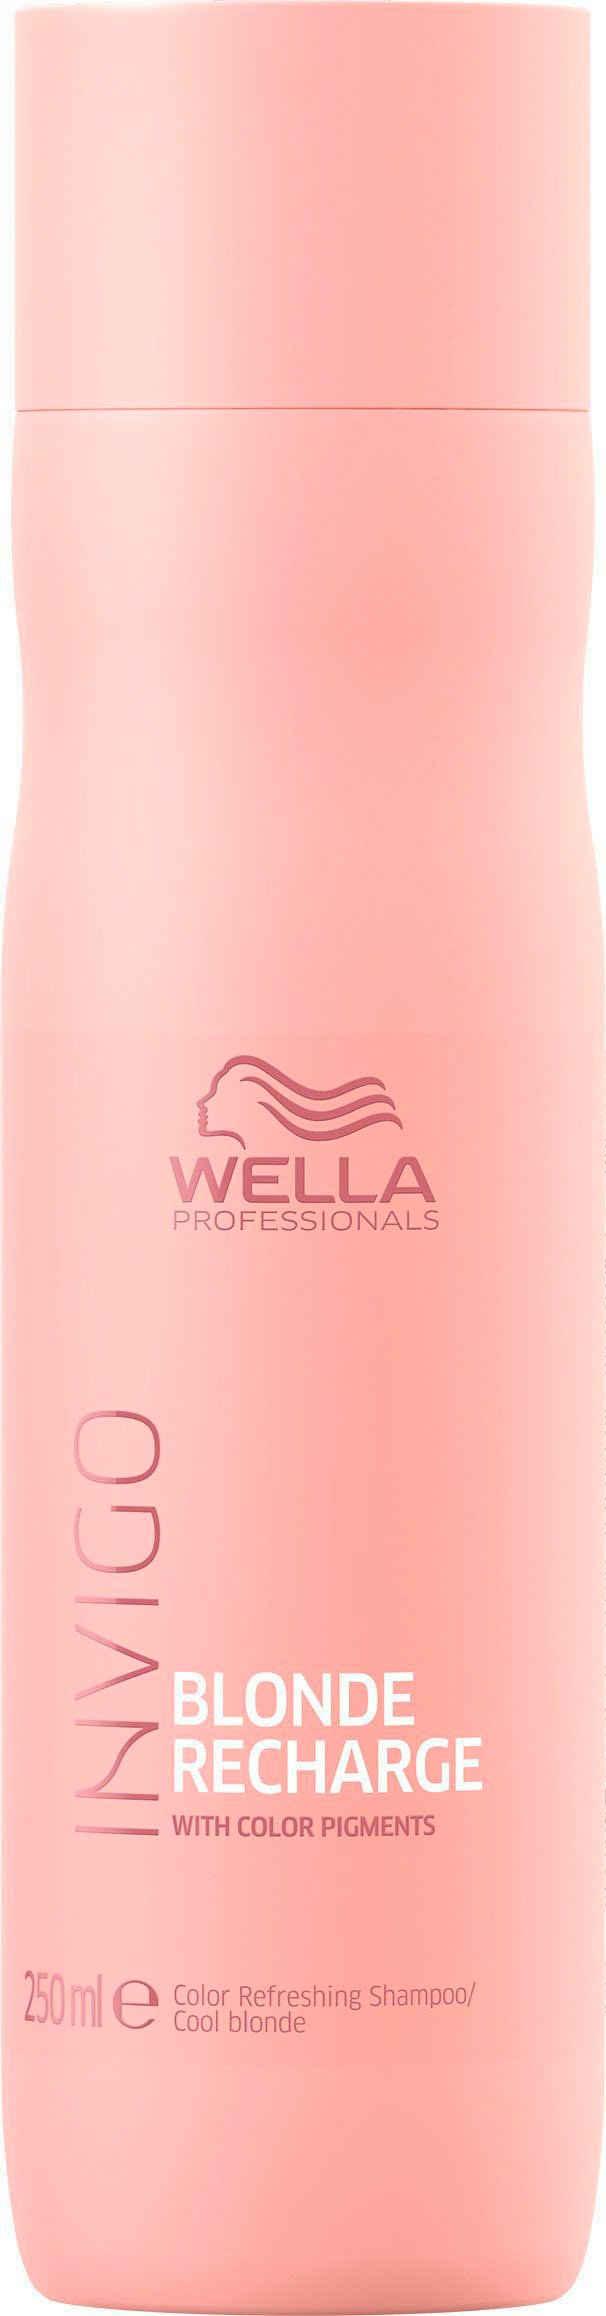 Wella Professionals Haarshampoo »Invigo Blonde Recharge Color Refreshing Shampoo Cool Blonde«, gegen Gelbstich